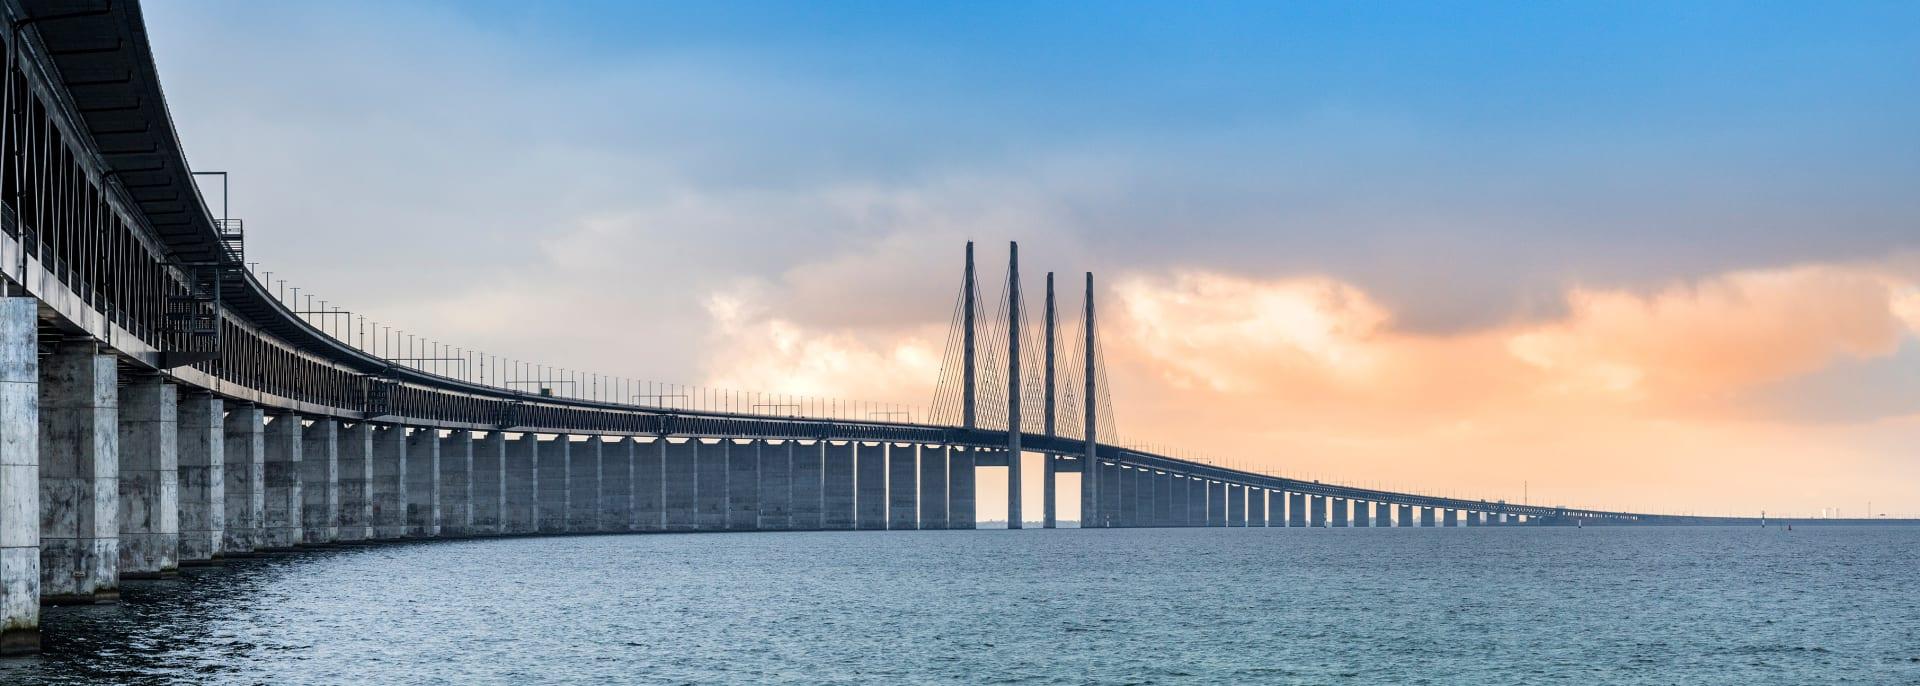 Oresund Brücke, Schweden